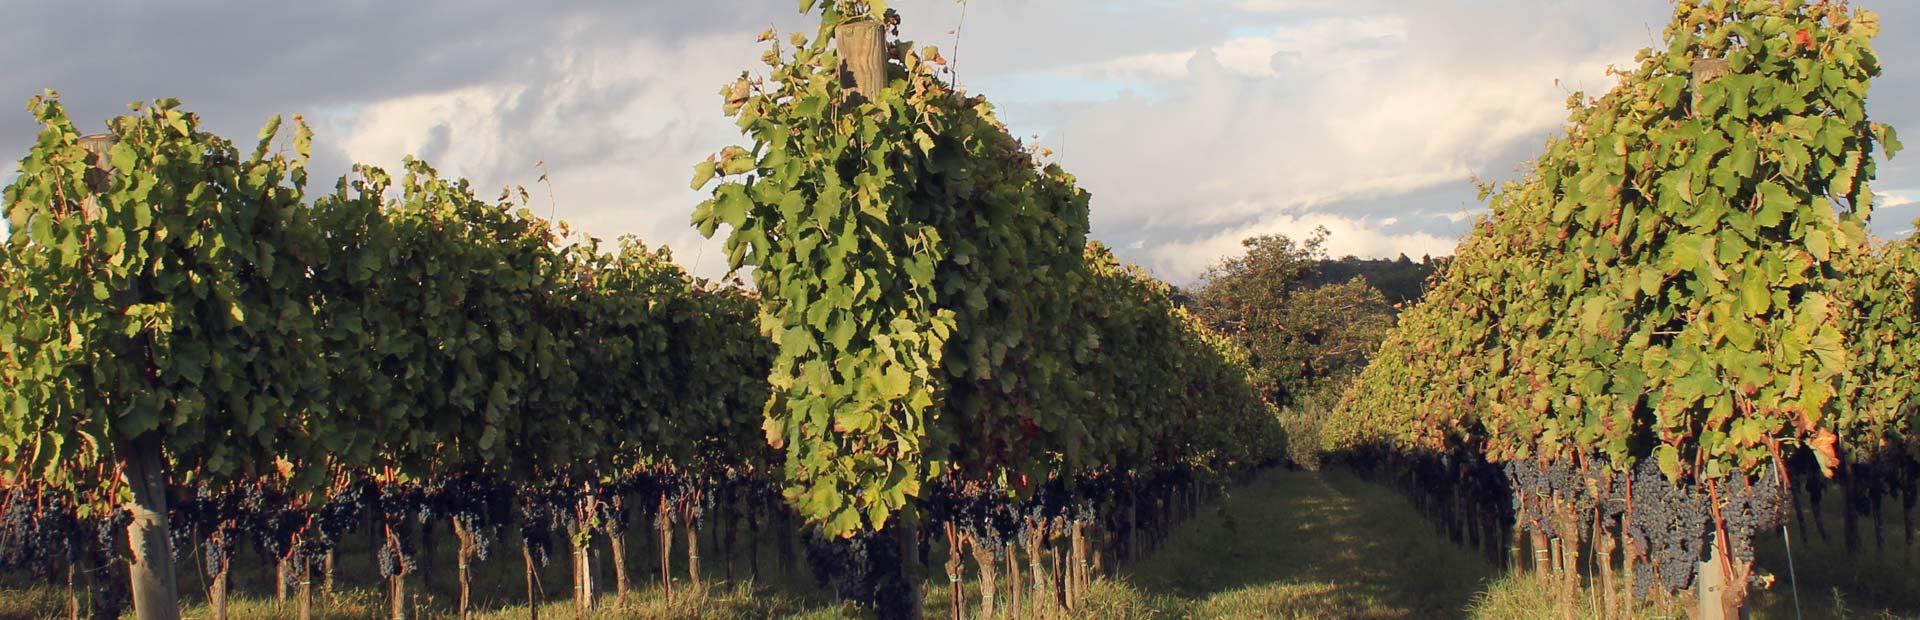 fattoria pagano schede vini